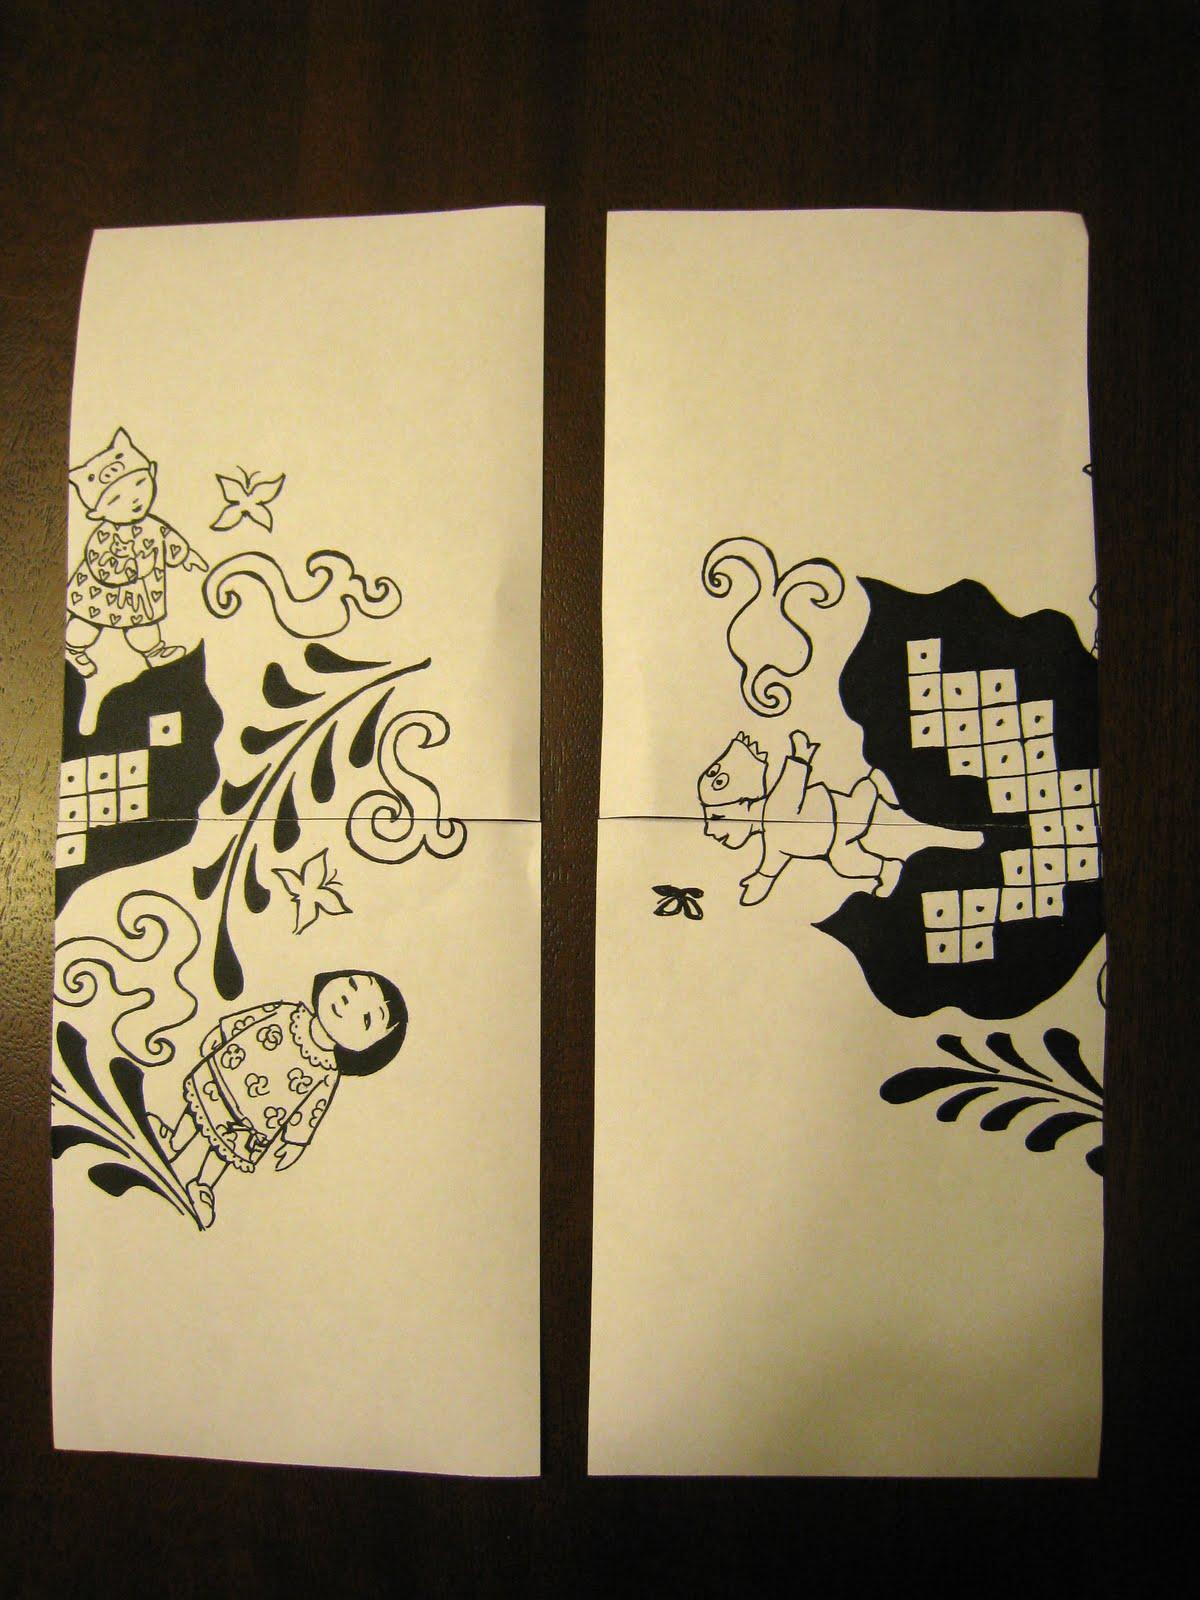 http://3.bp.blogspot.com/_krQbq6YcMic/TKbDxFHSqFI/AAAAAAAACUI/zZukDI3Oh3I/s1600/sketch_leaf+children2.jpg